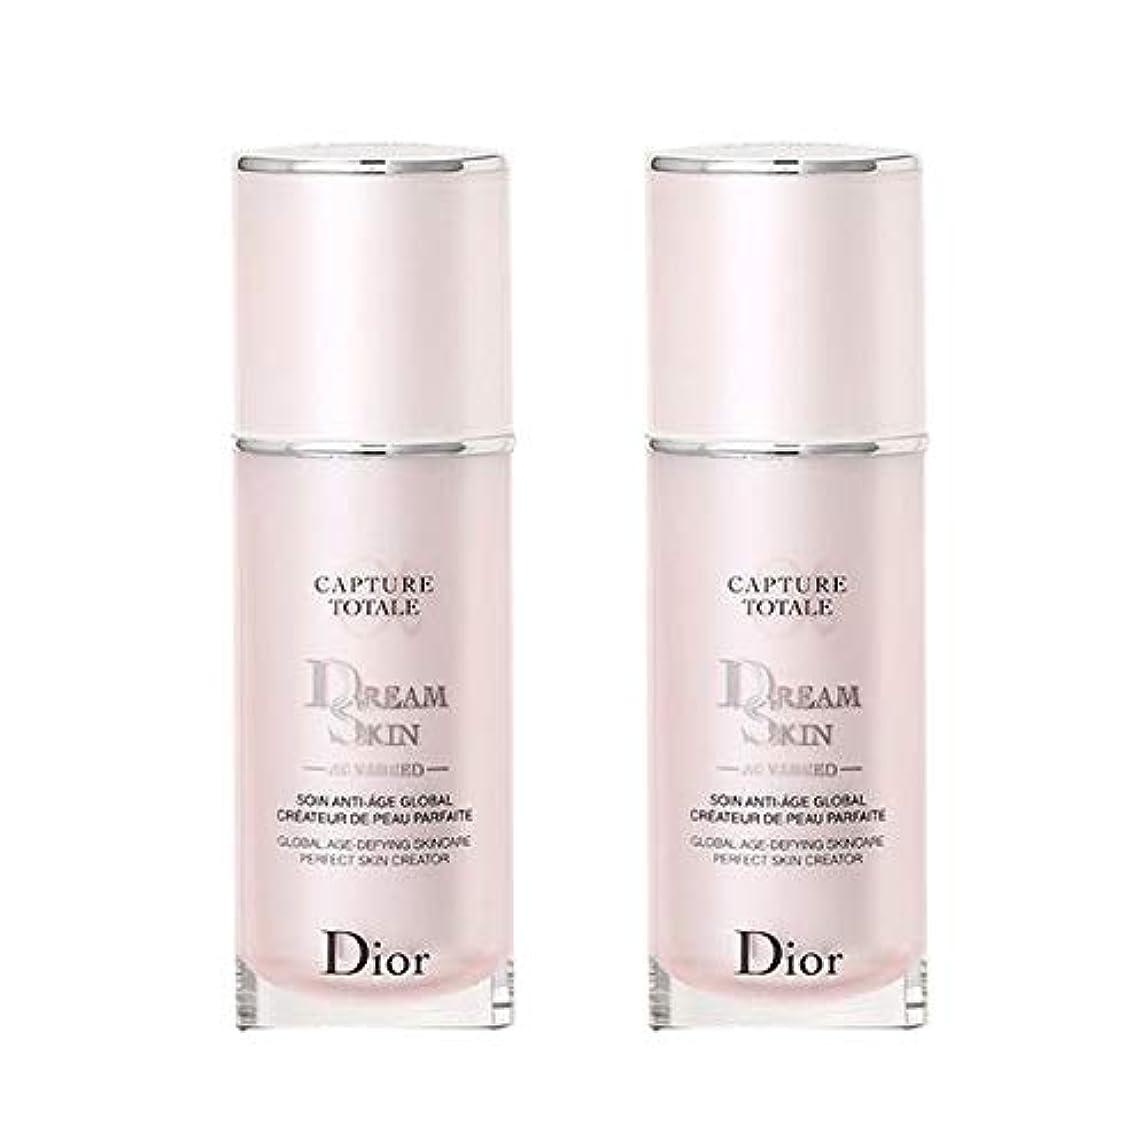 【セット】クリスチャンディオール Christian Dior カプチュール トータル ドリームスキン アドバンスト 50mL 2個セット [並行輸入品]